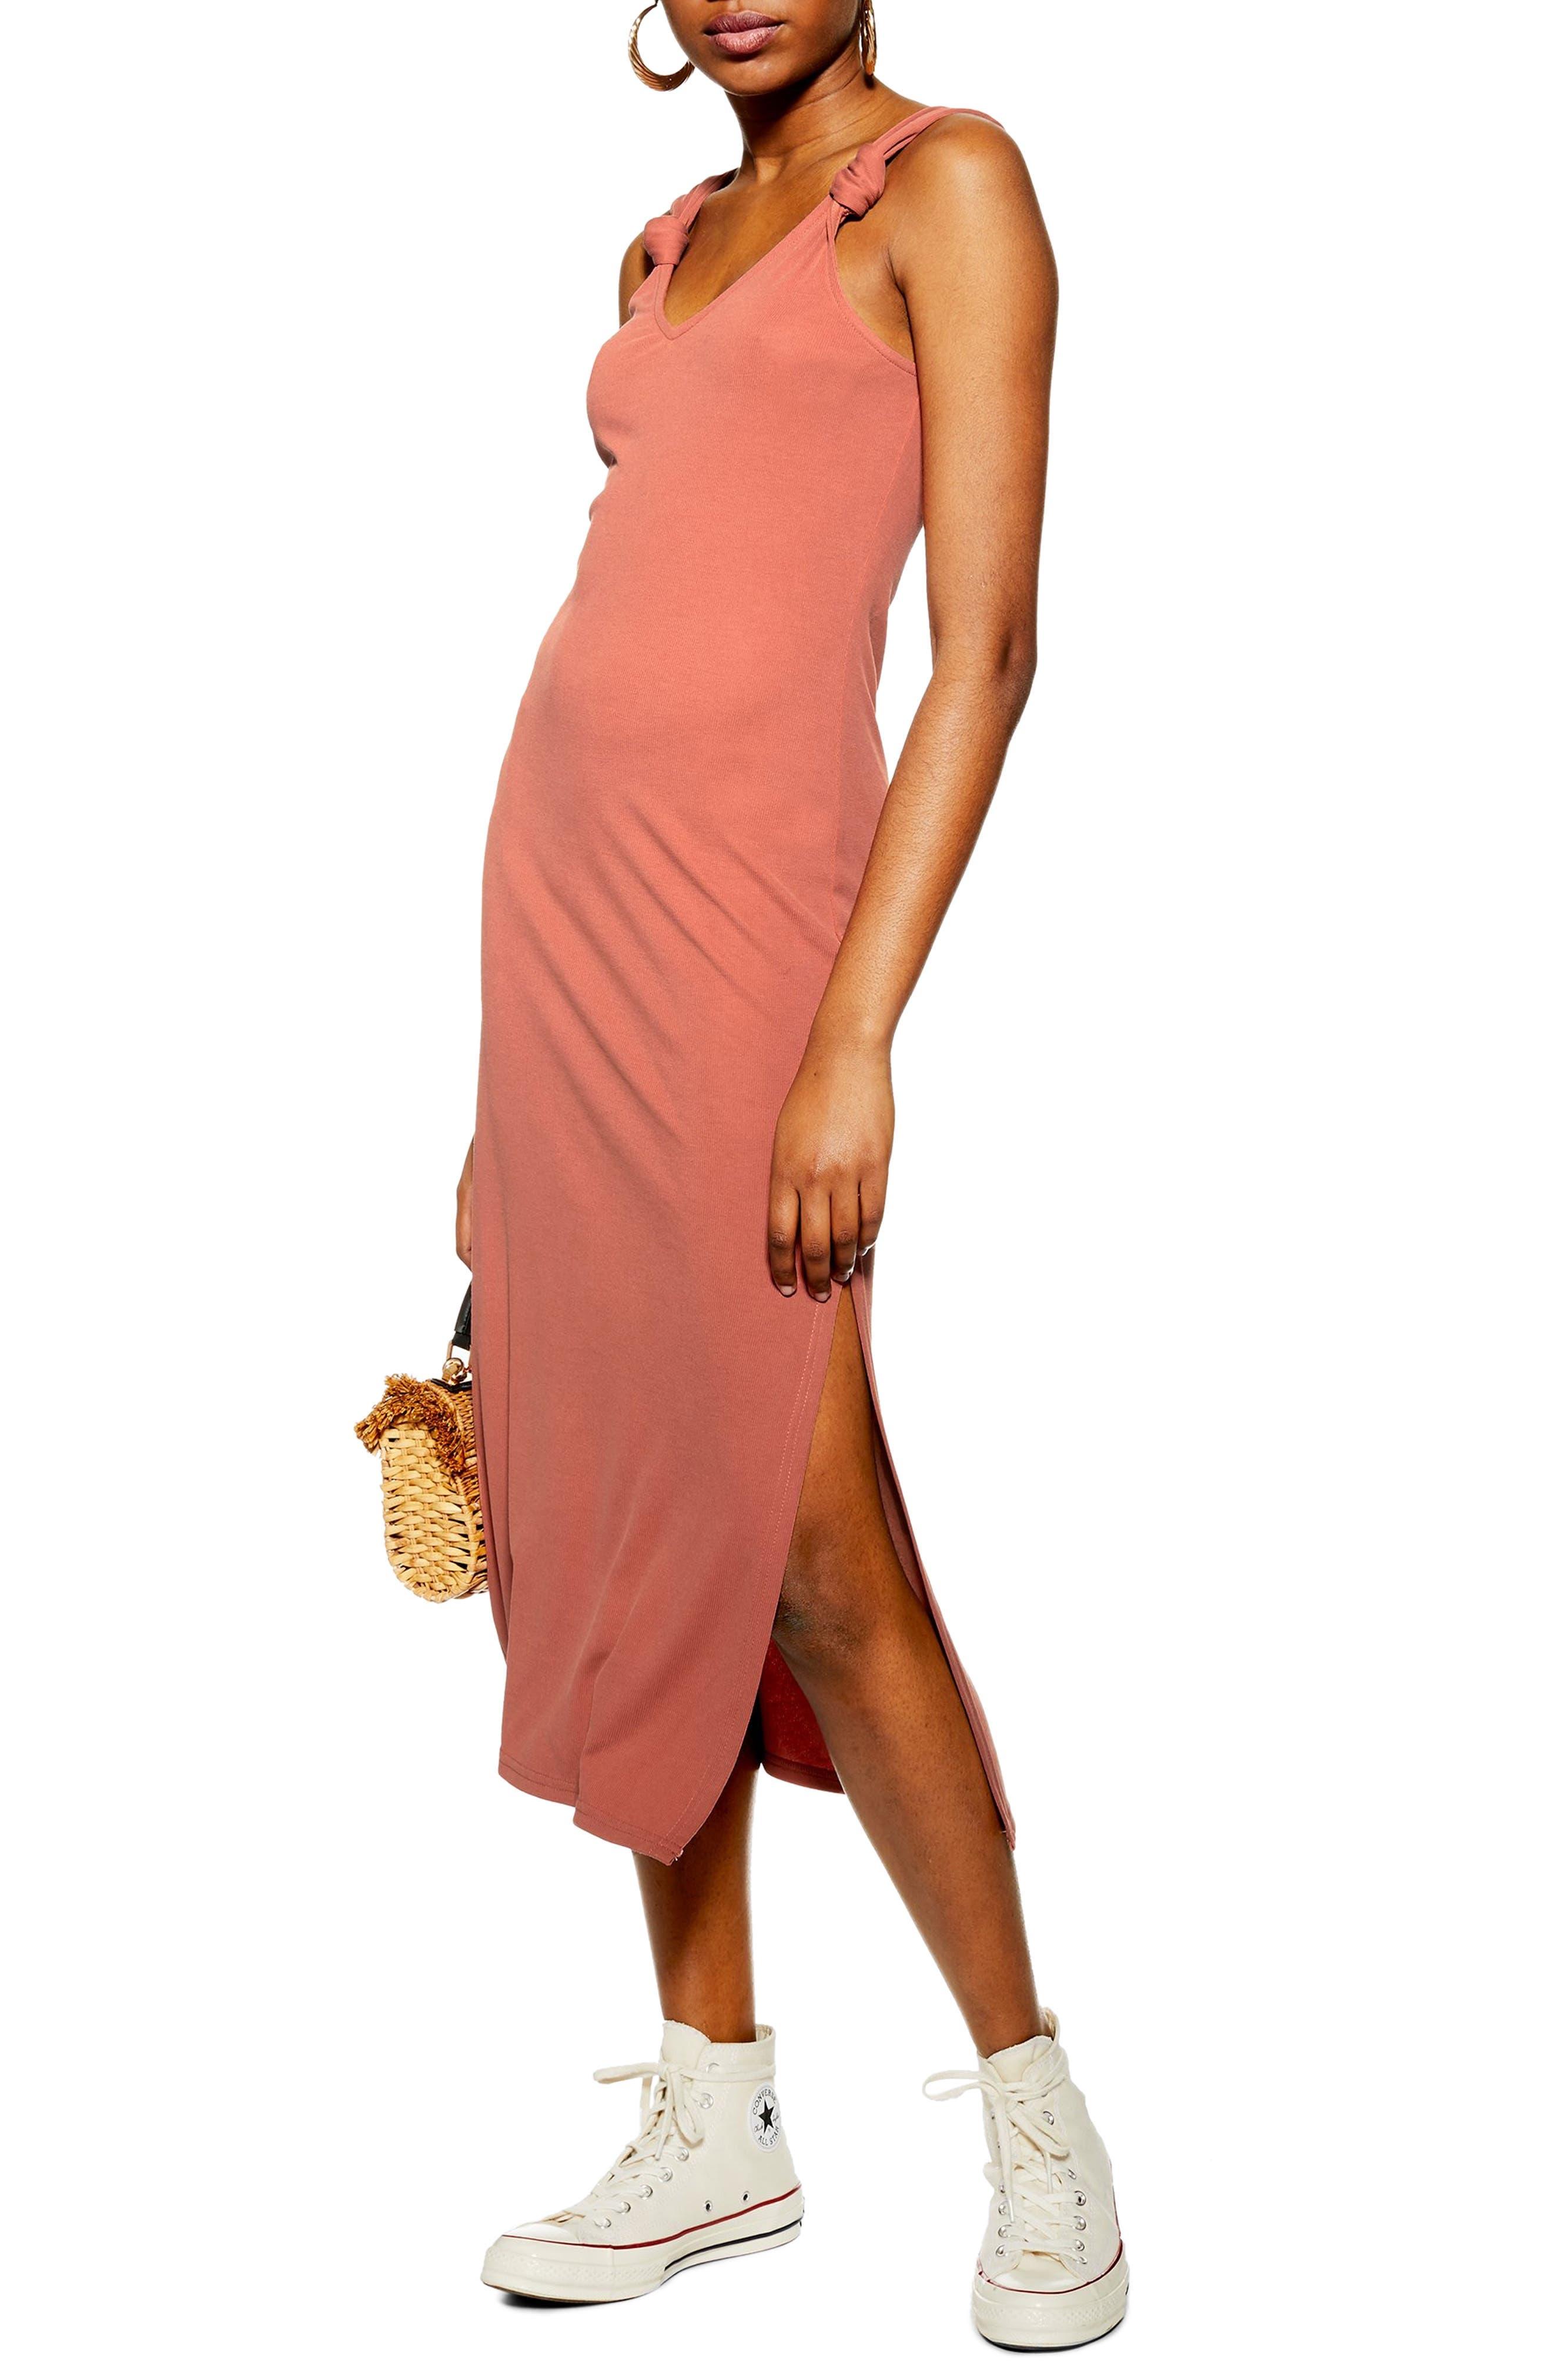 Topshop Midi Dress, US (fits like 6-8) - Metallic